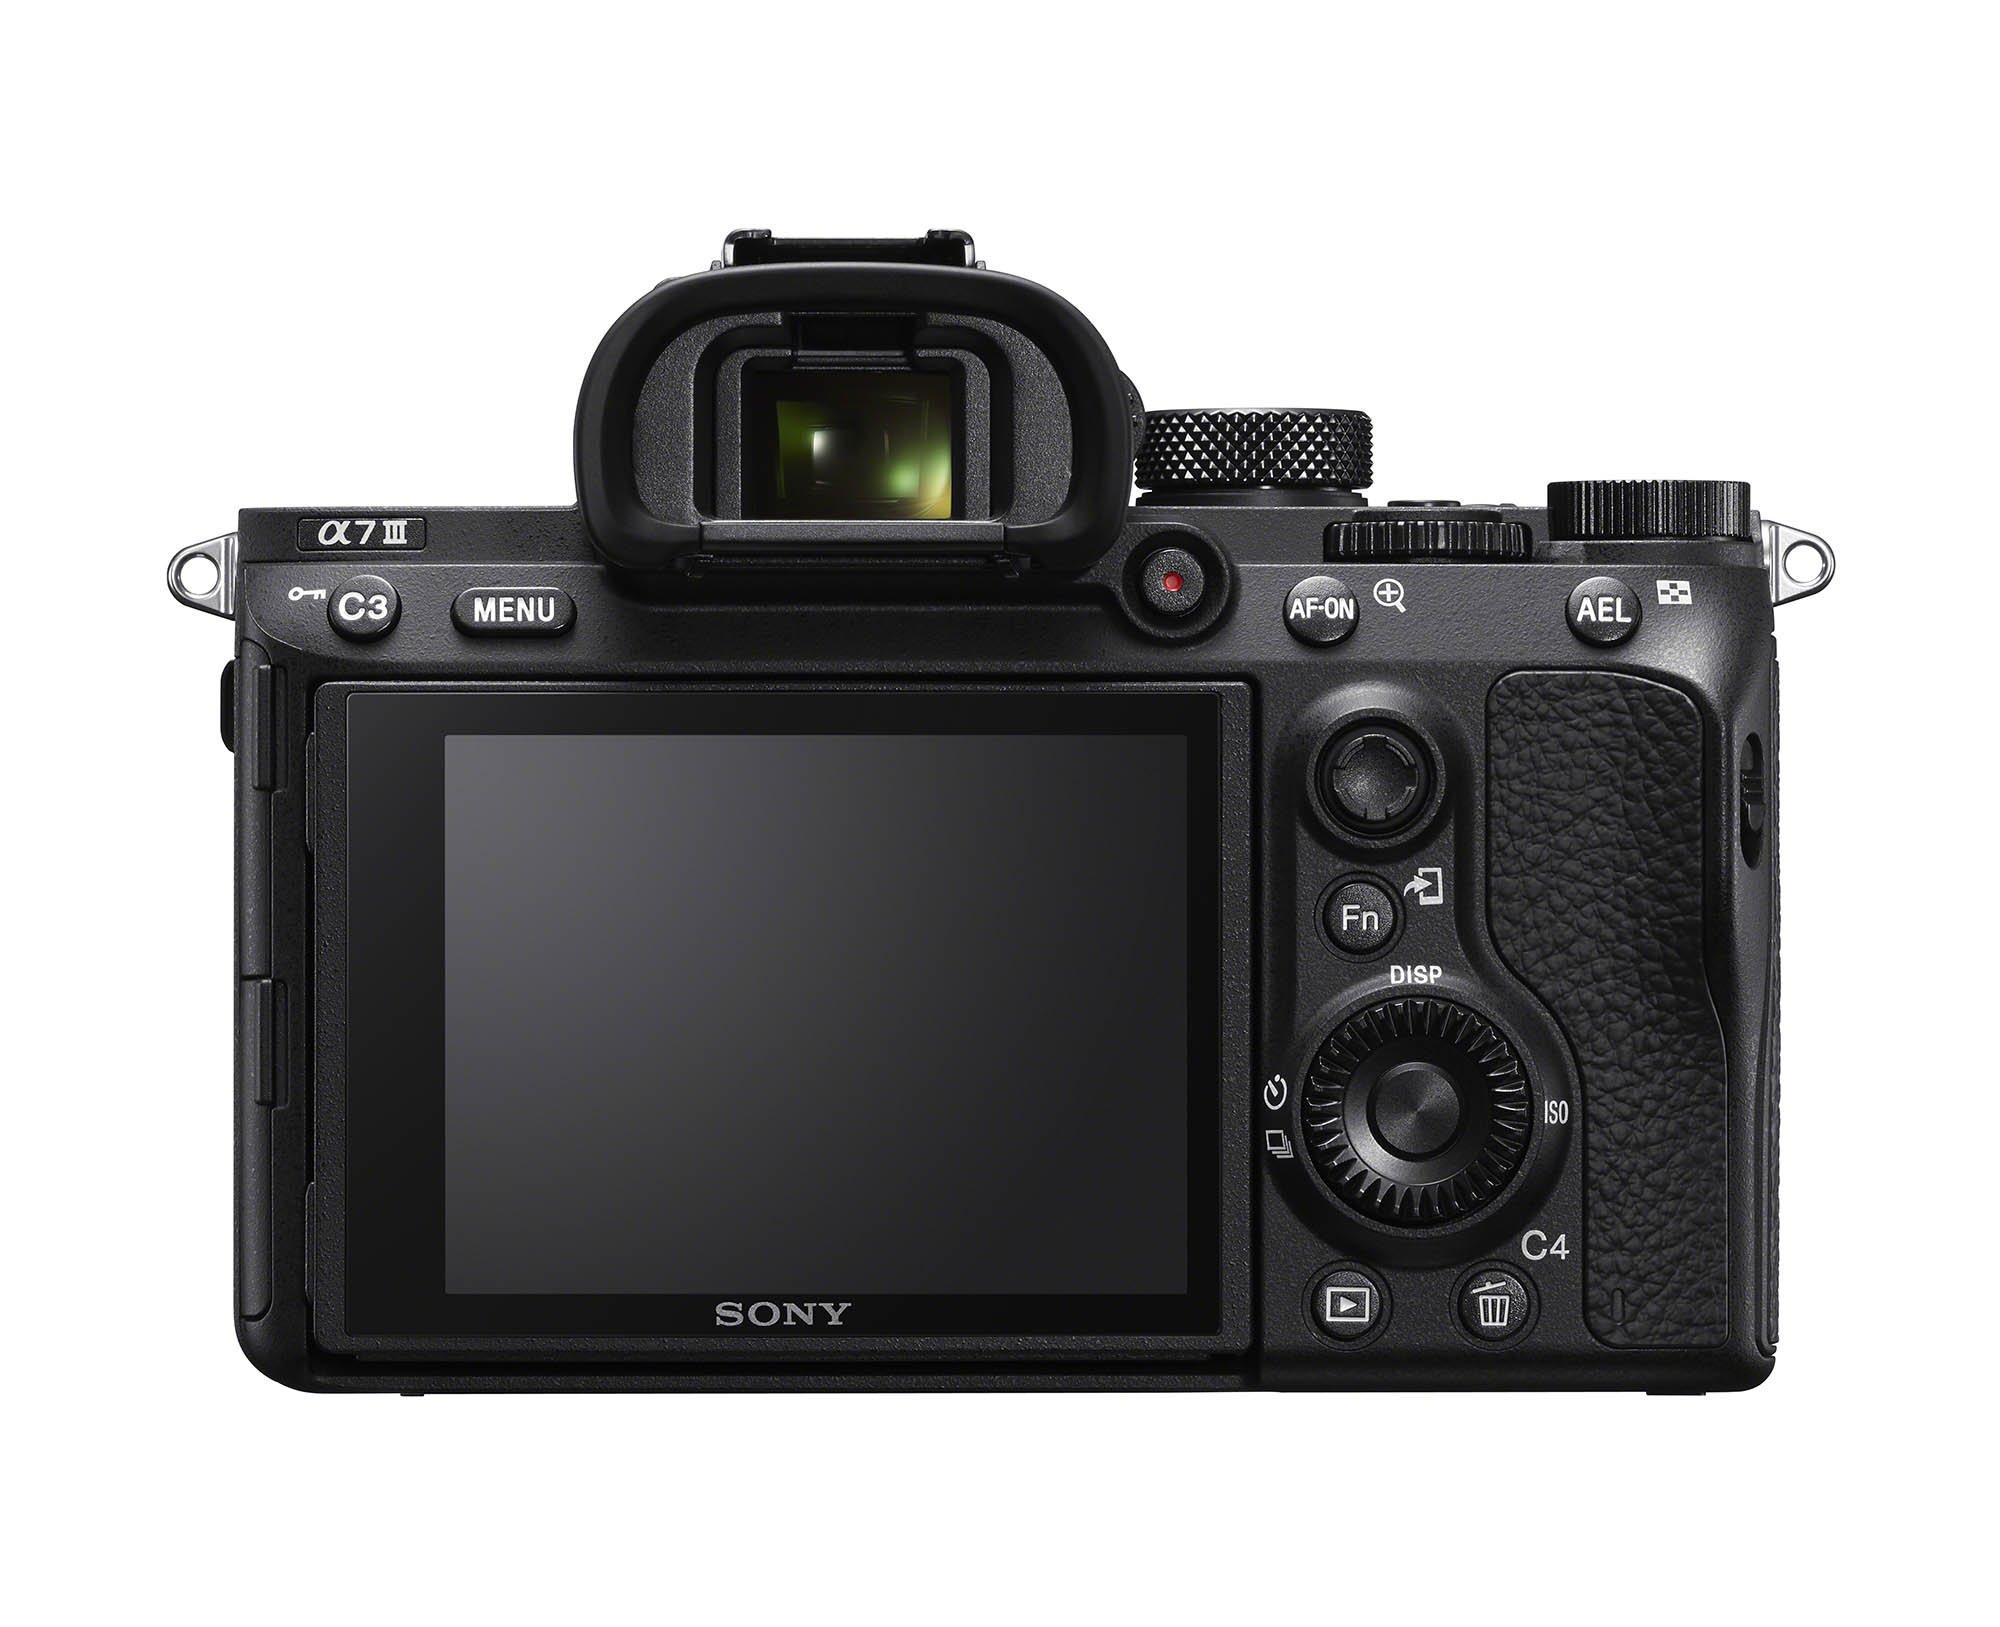 Sony a7III Rear LCD